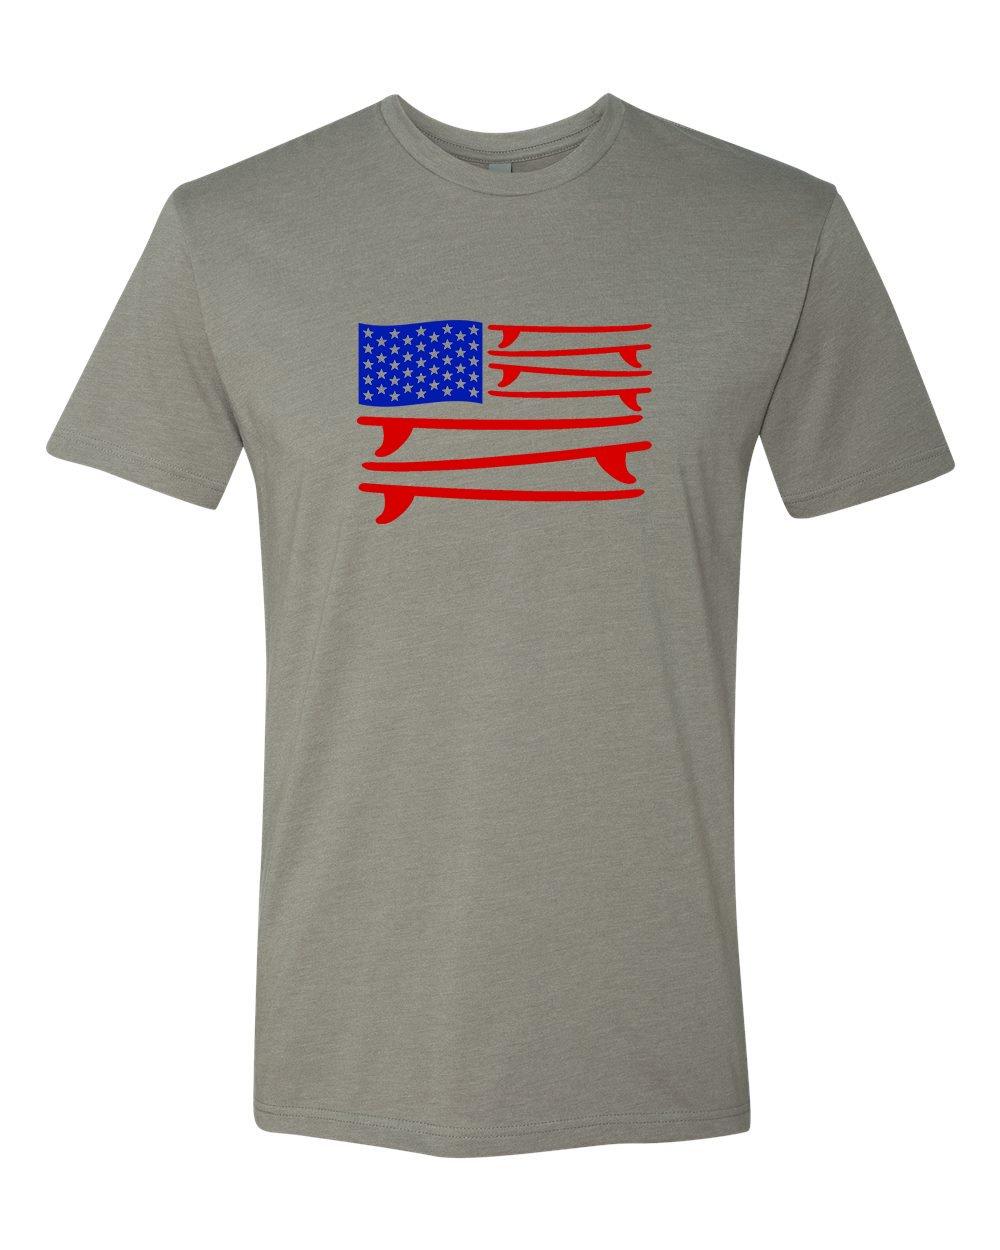 Image of USA USA USA Tee